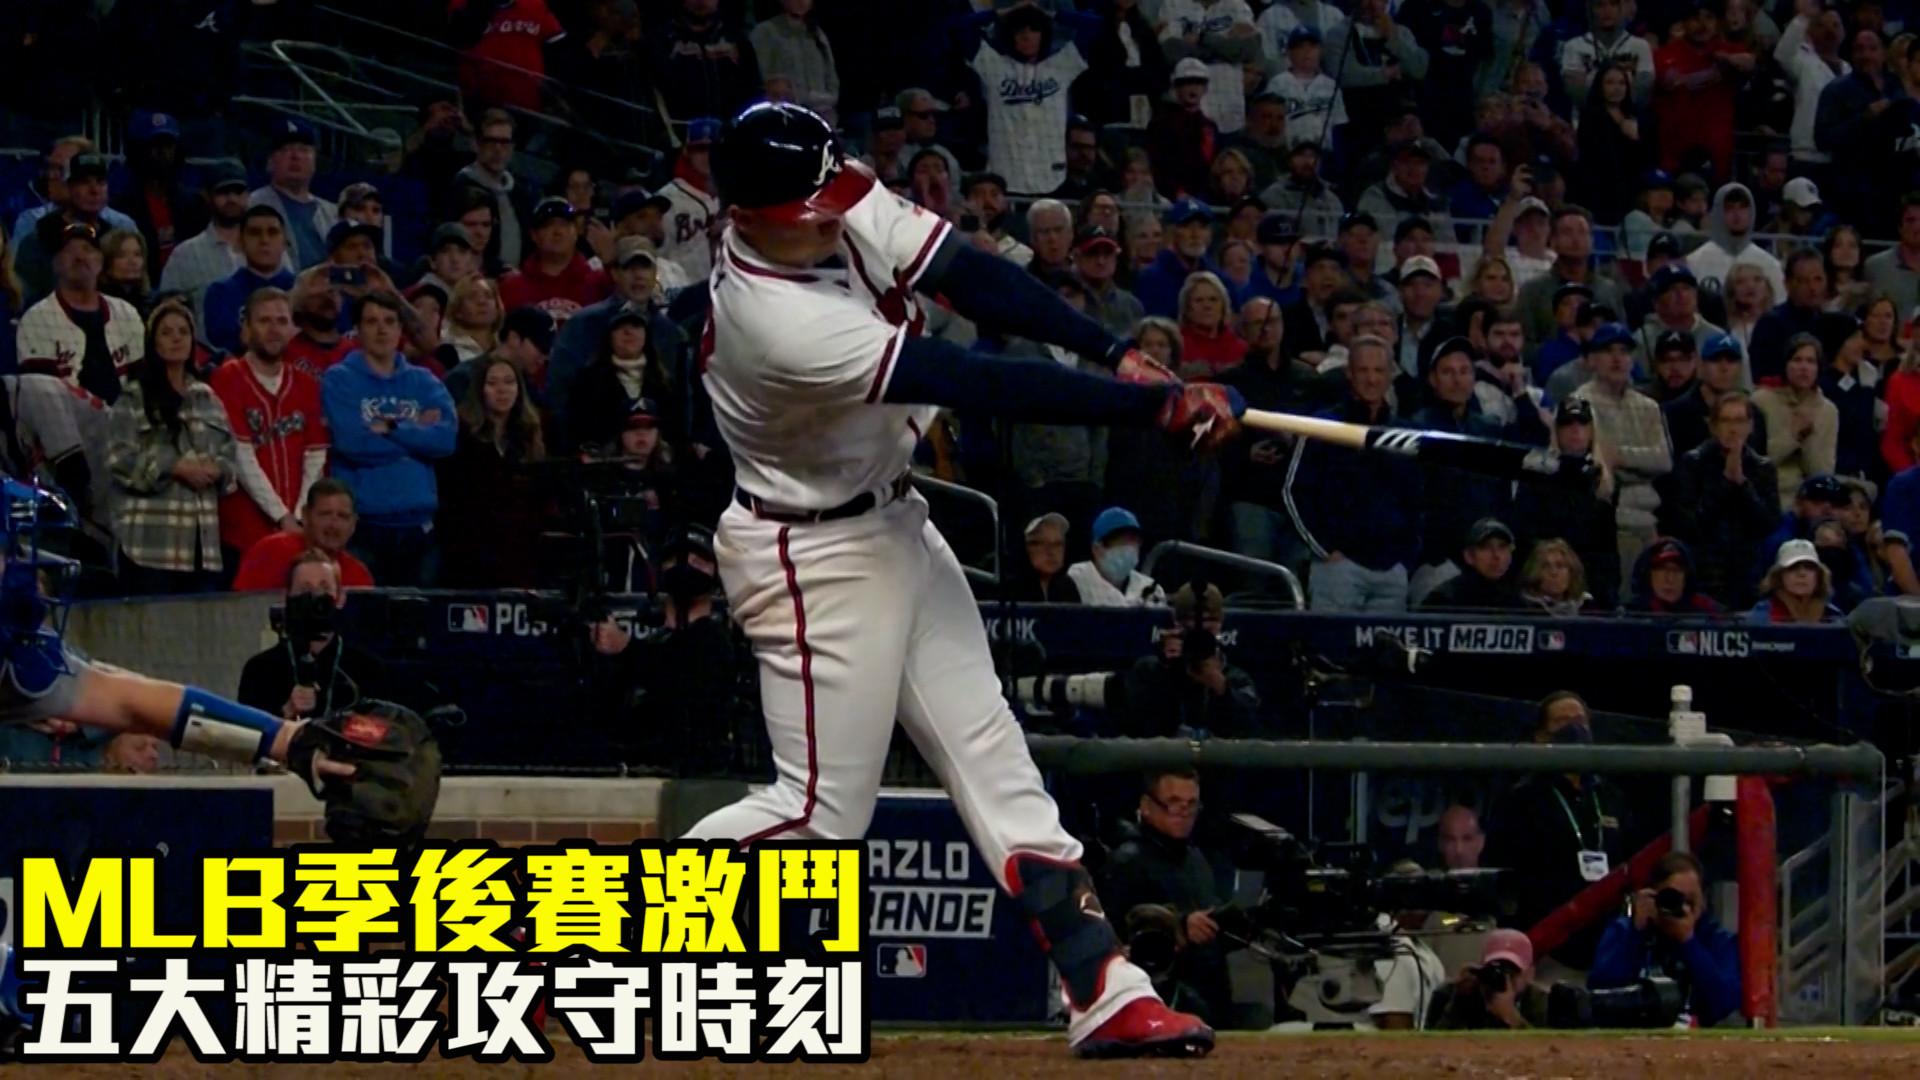 【MLB看愛爾達】季後賽激鬥 五大精彩攻守時刻 10/17